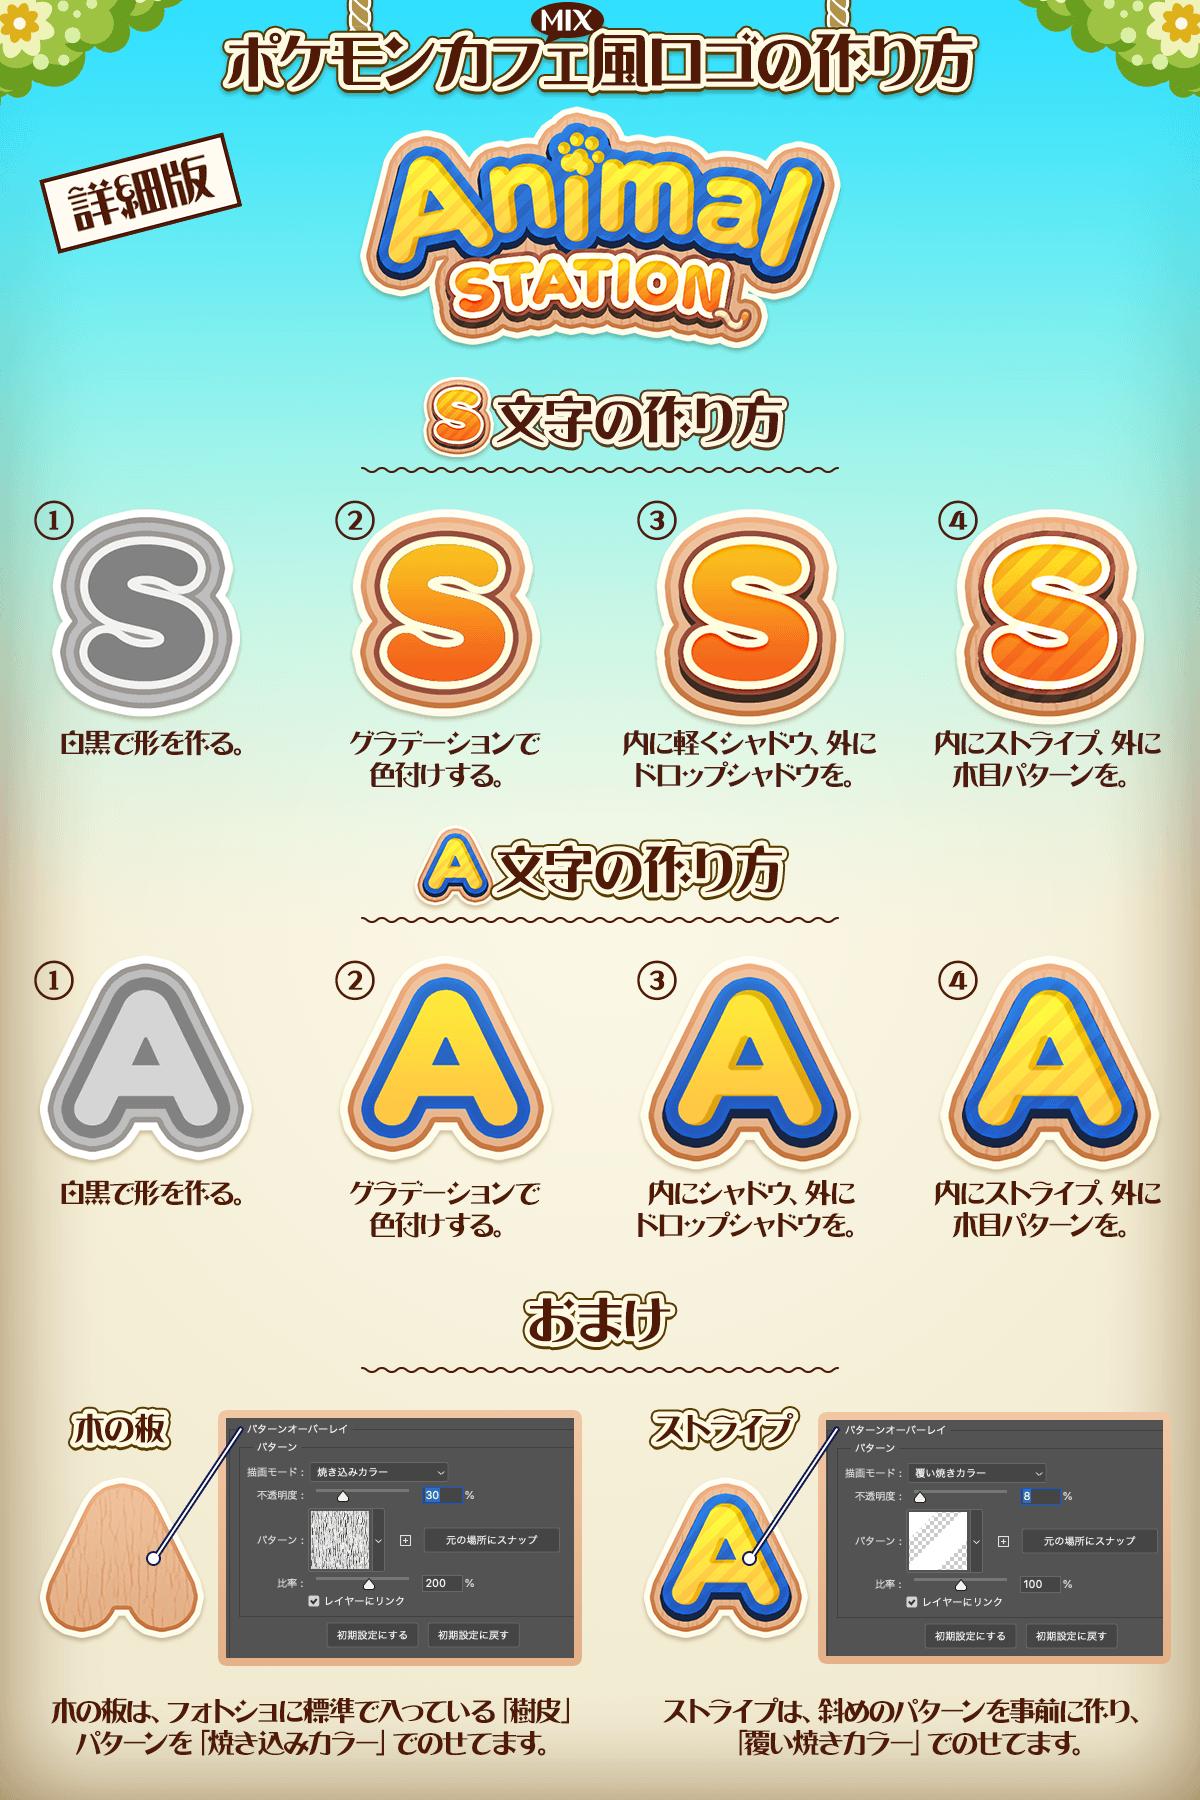 ポケモンカフェmix風ロゴの作り方(詳細版)